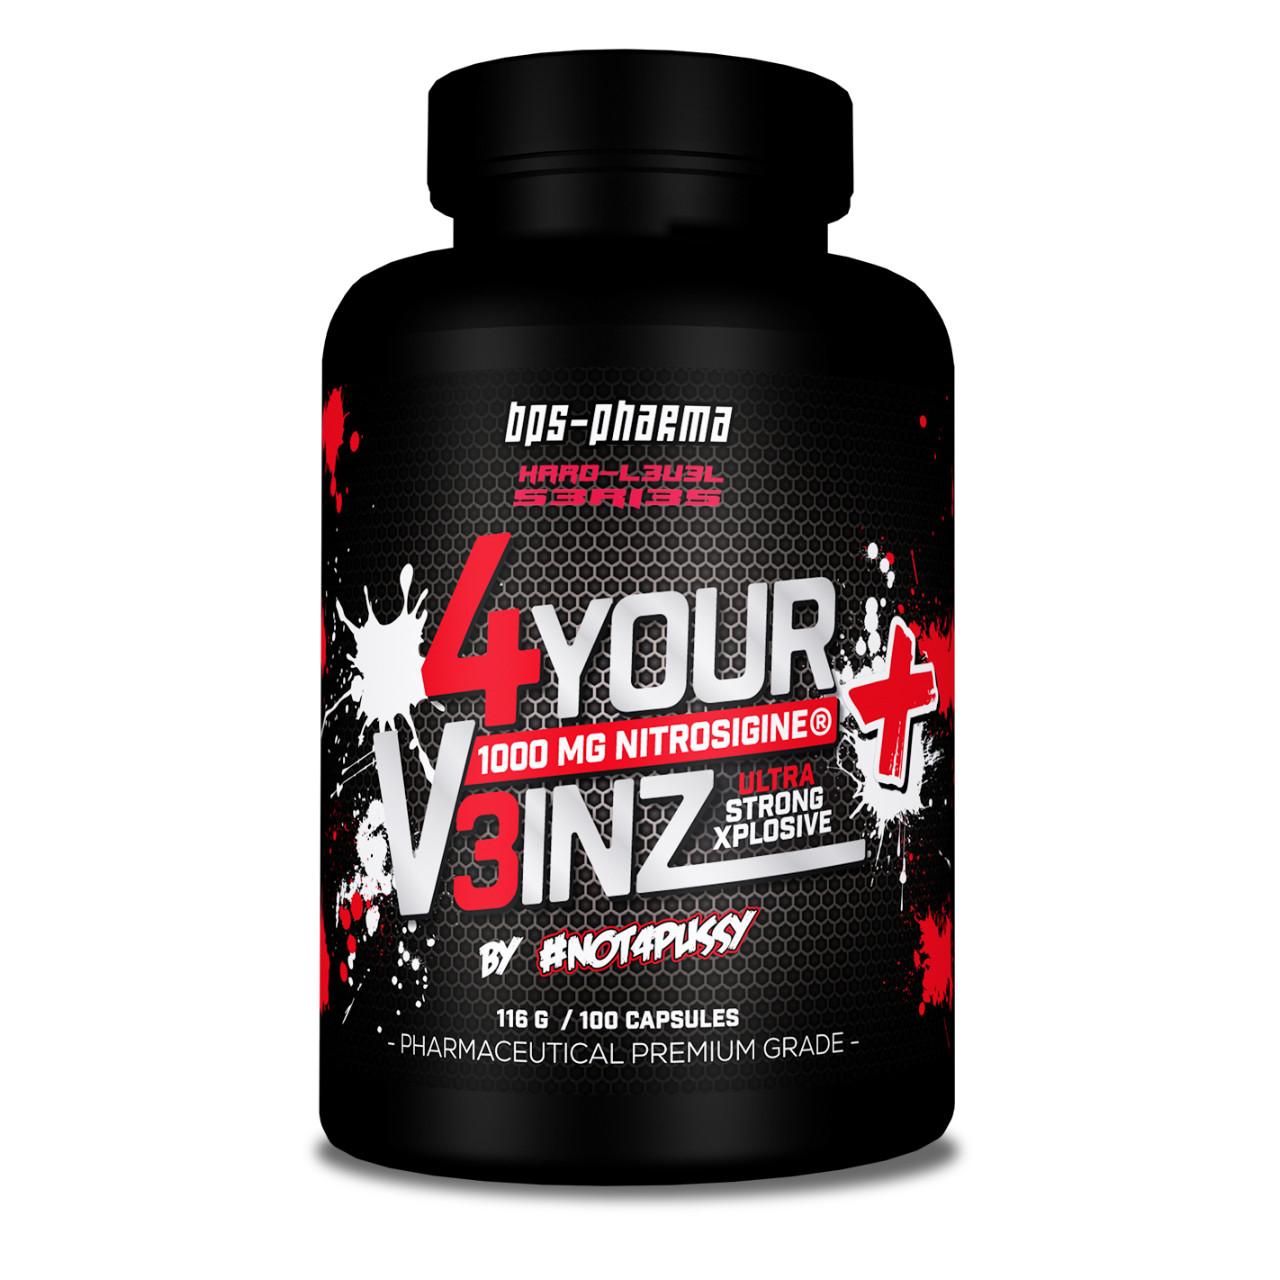 [Bodybuilding] 4 Your V3inz + Nitrosigine Pumpsupplement von BPS Pharma - Versandkostenfrei ab 65€